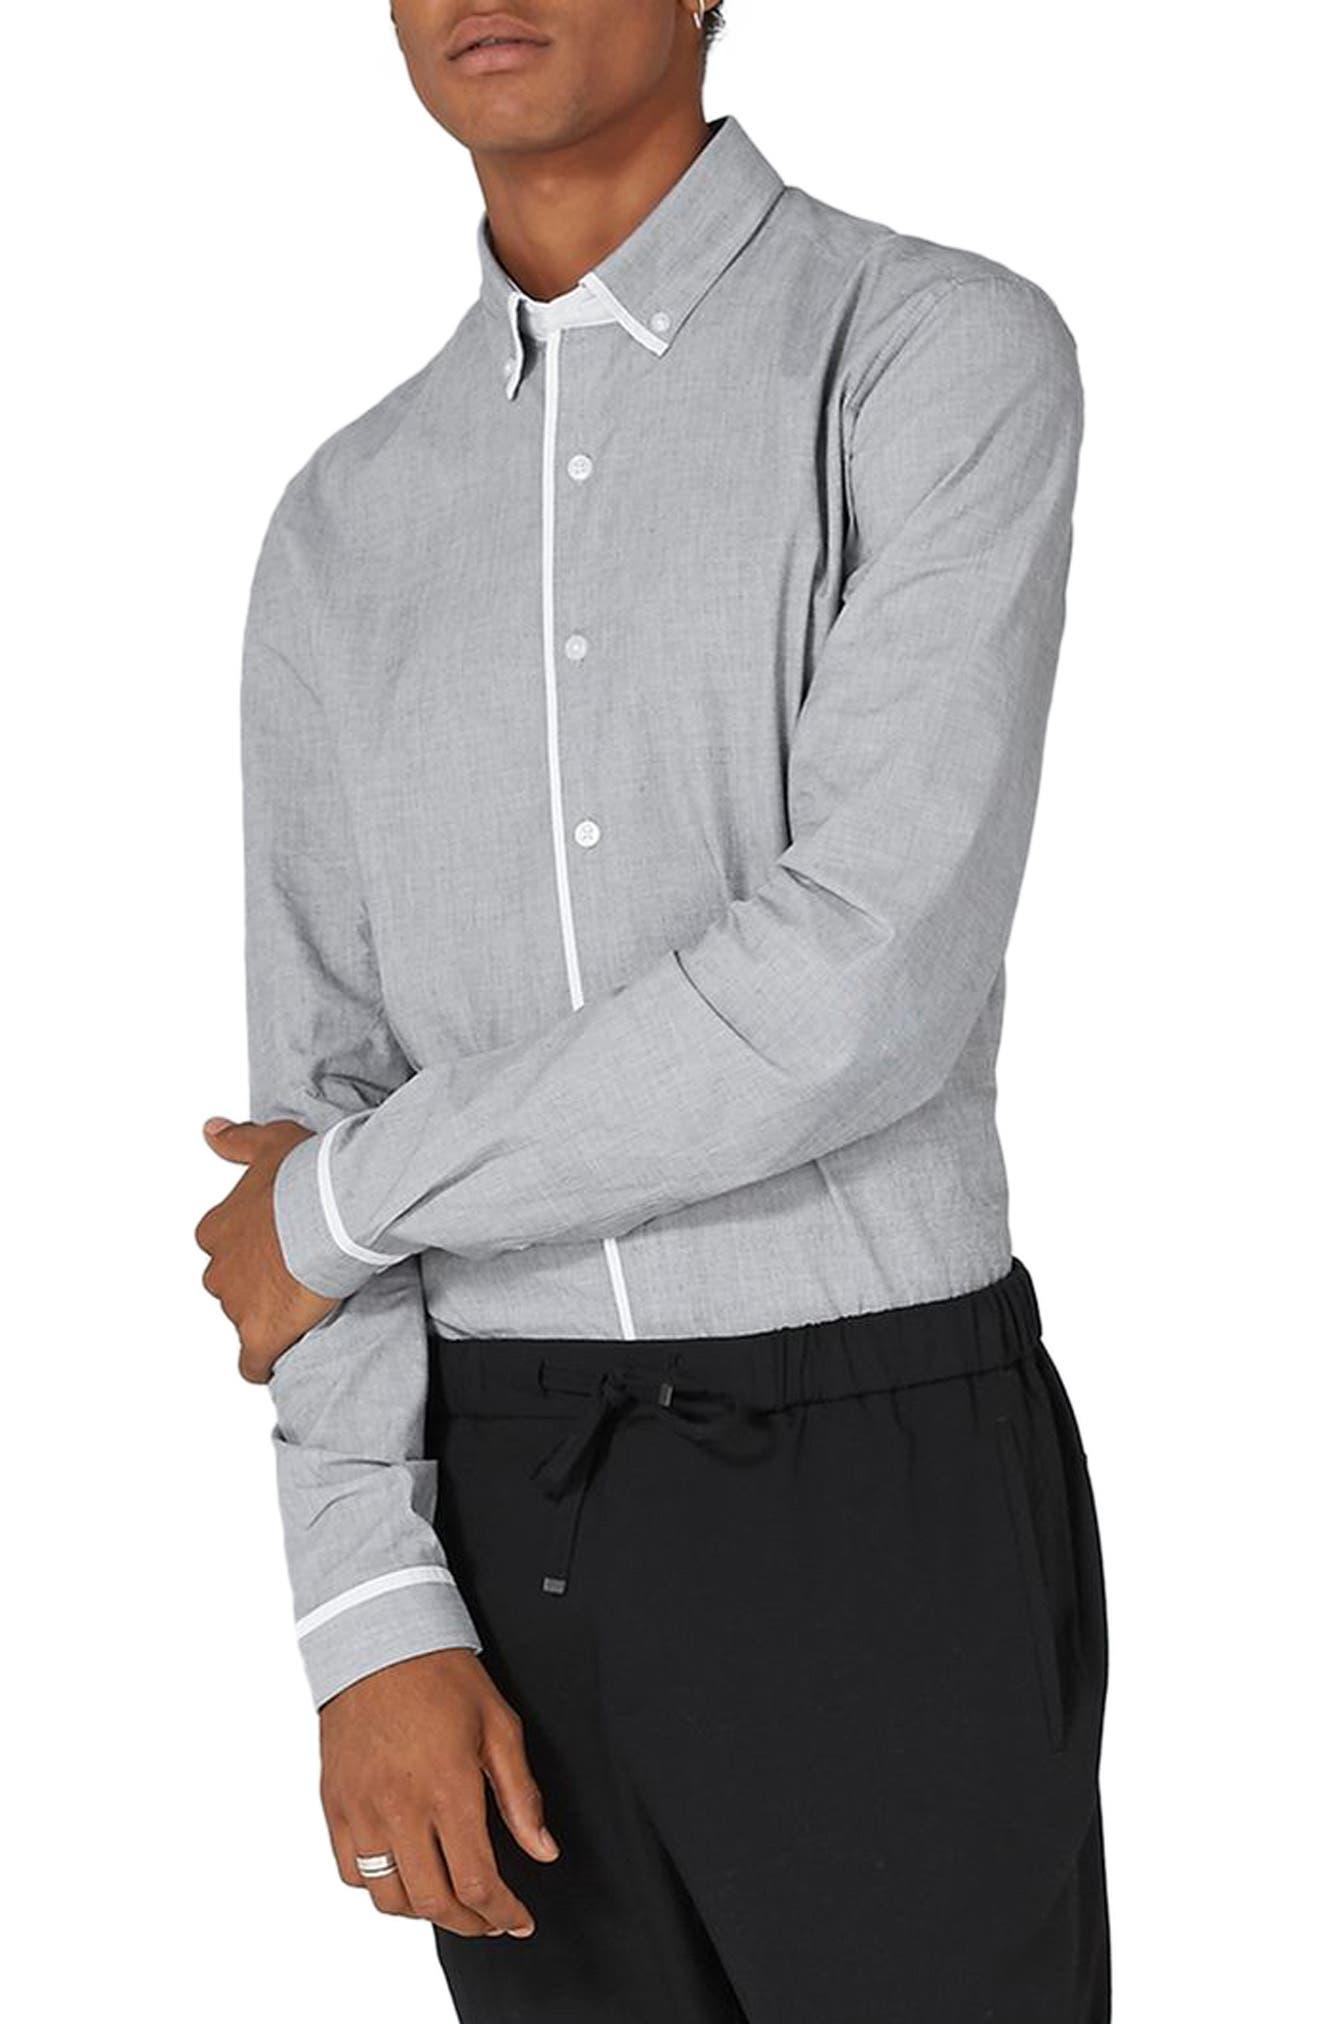 Leeson Slim Fit Smart Shirt,                         Main,                         color, Grey Multi